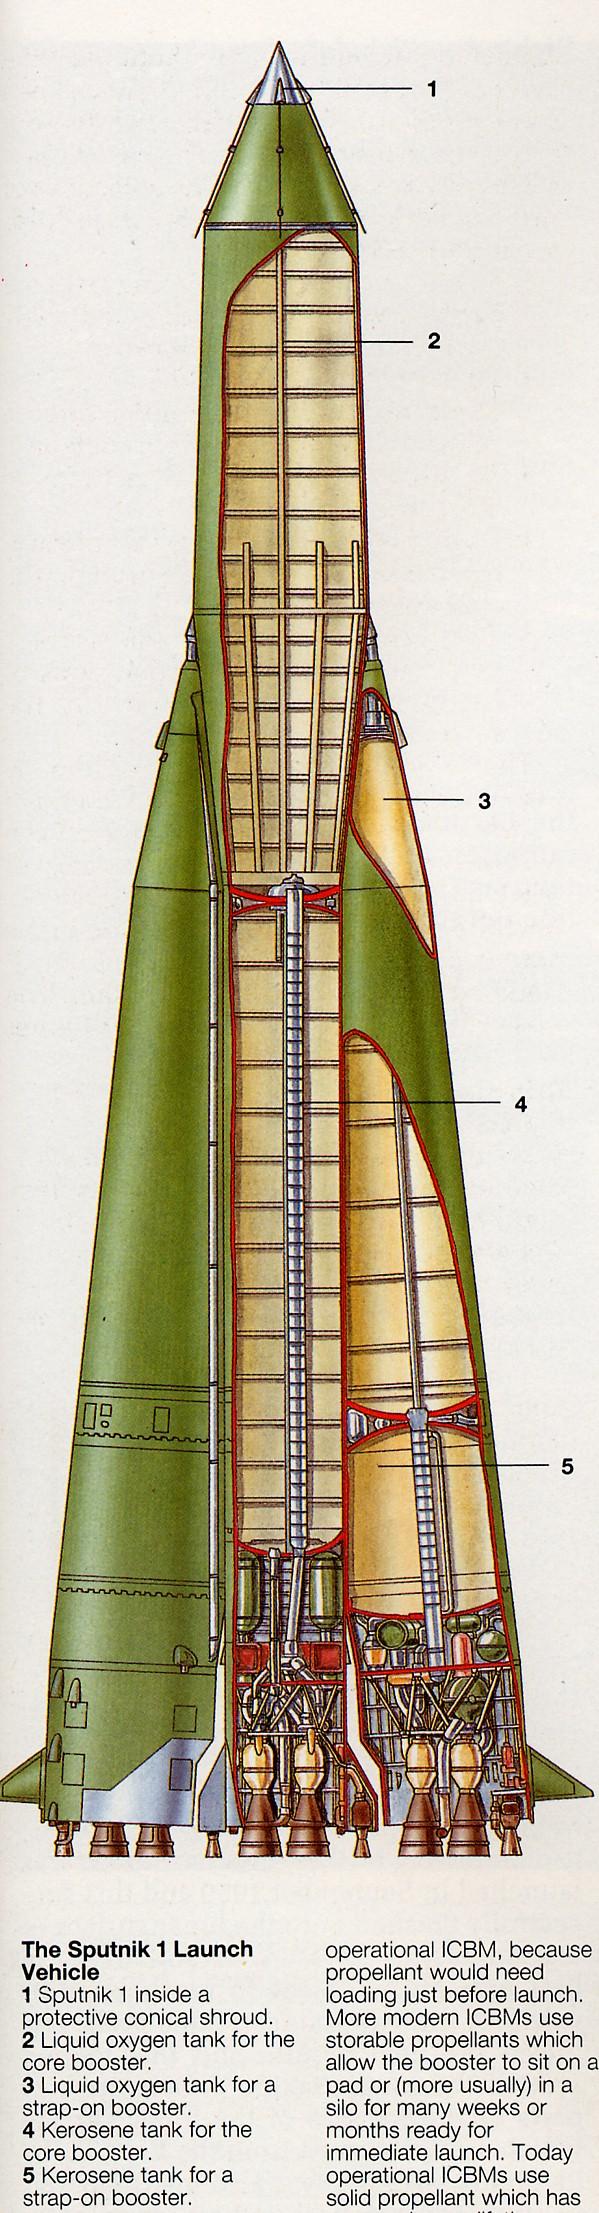 1-Spoutnik à l'interieur d'une coqueprotectrice conique;2et3-réservoirs d'oxygène liquide;4-réservoirs d'oxygène liquide pour le booster central